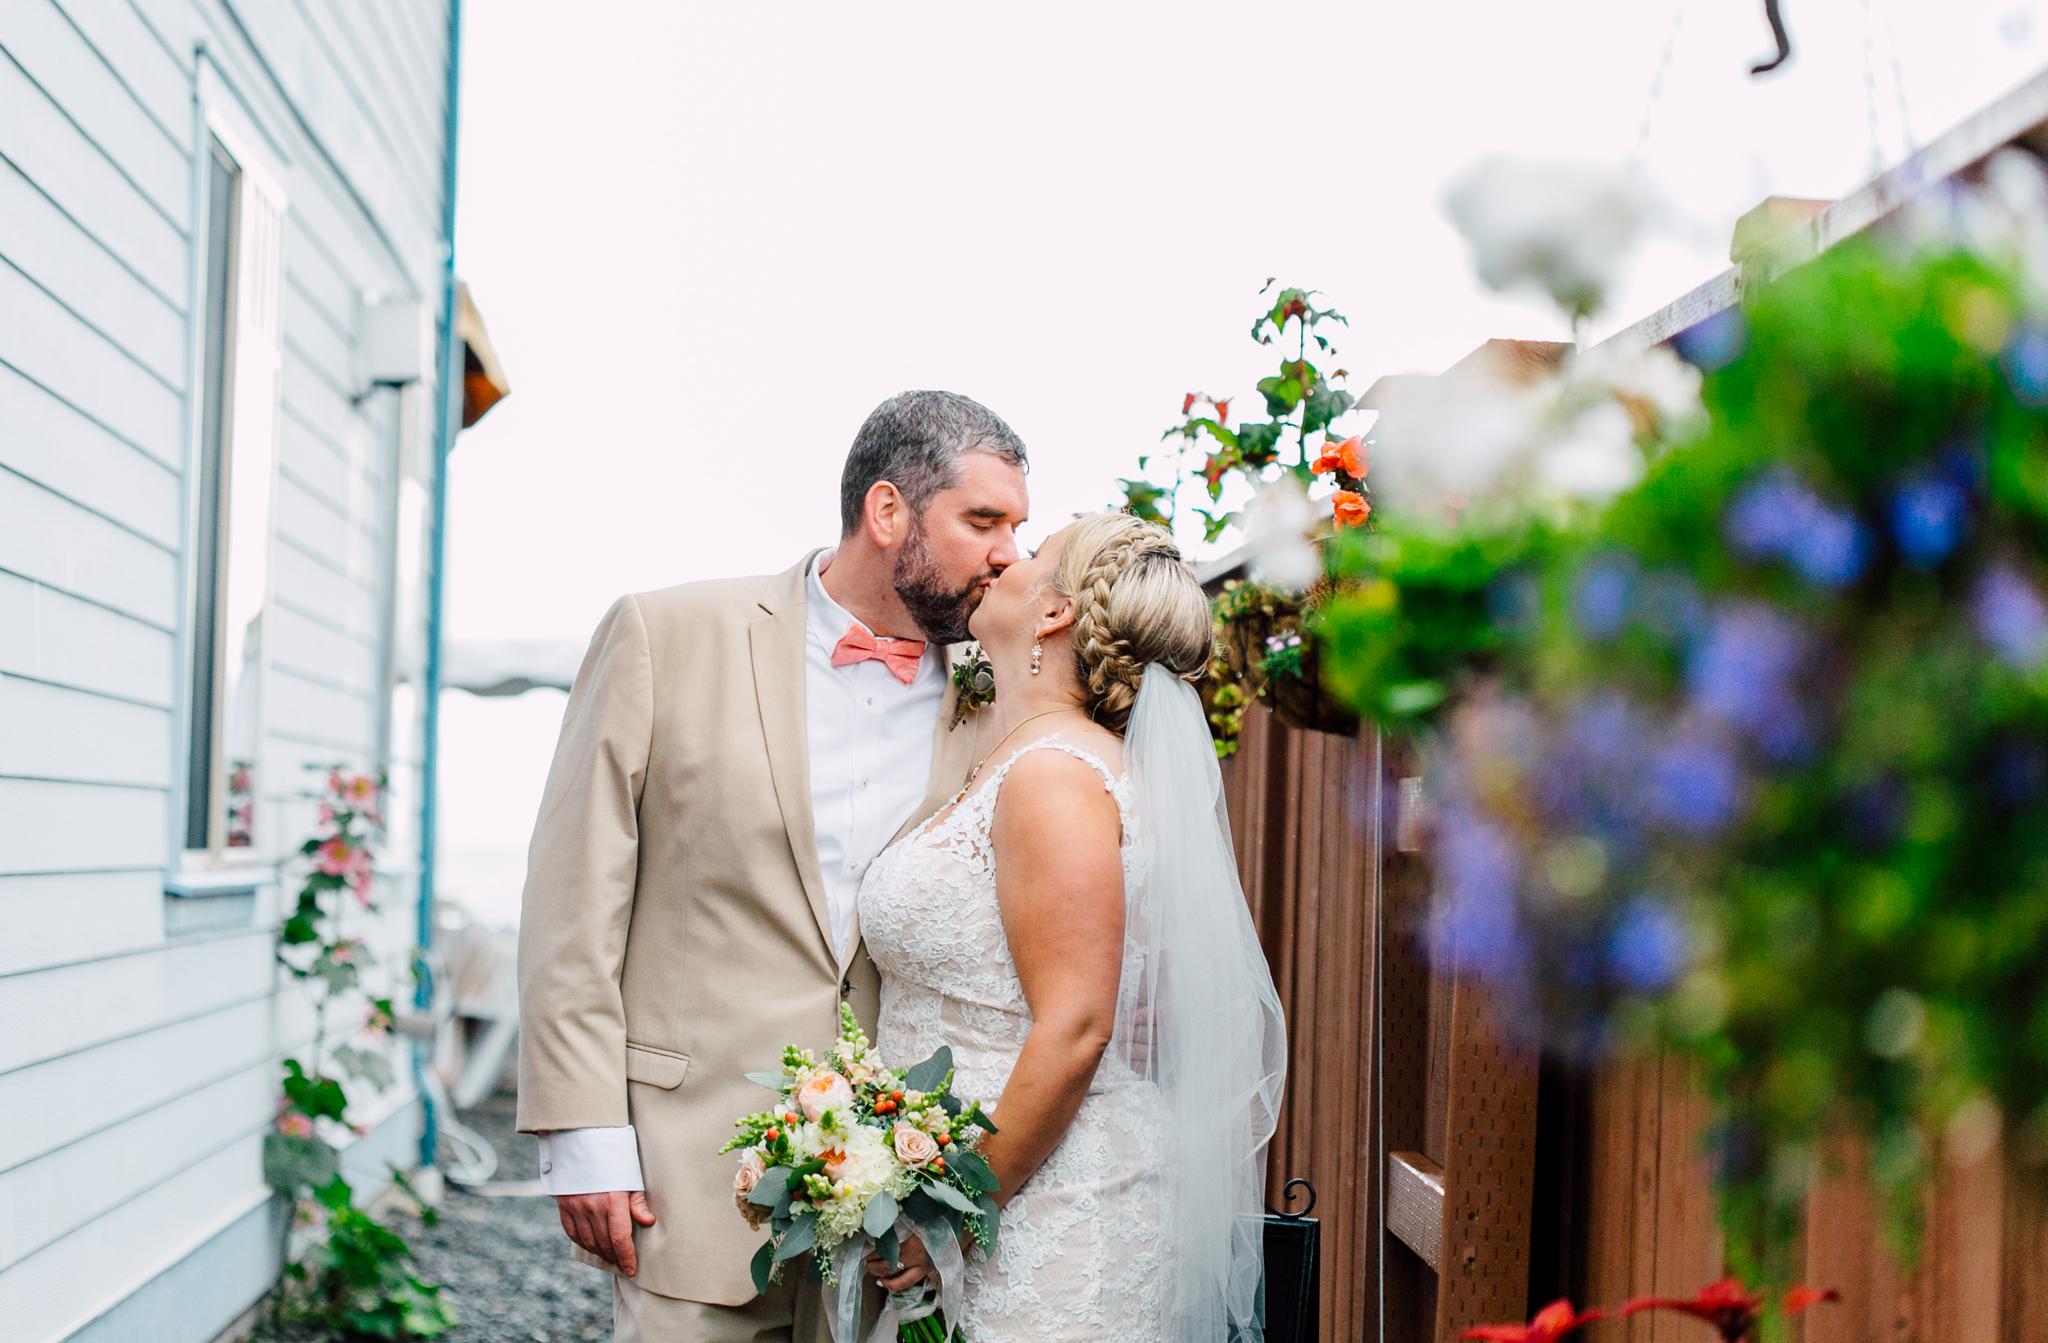 015-bellingham-wedding-photographer-beach-katheryn-moran-elisa-phillip.jpg